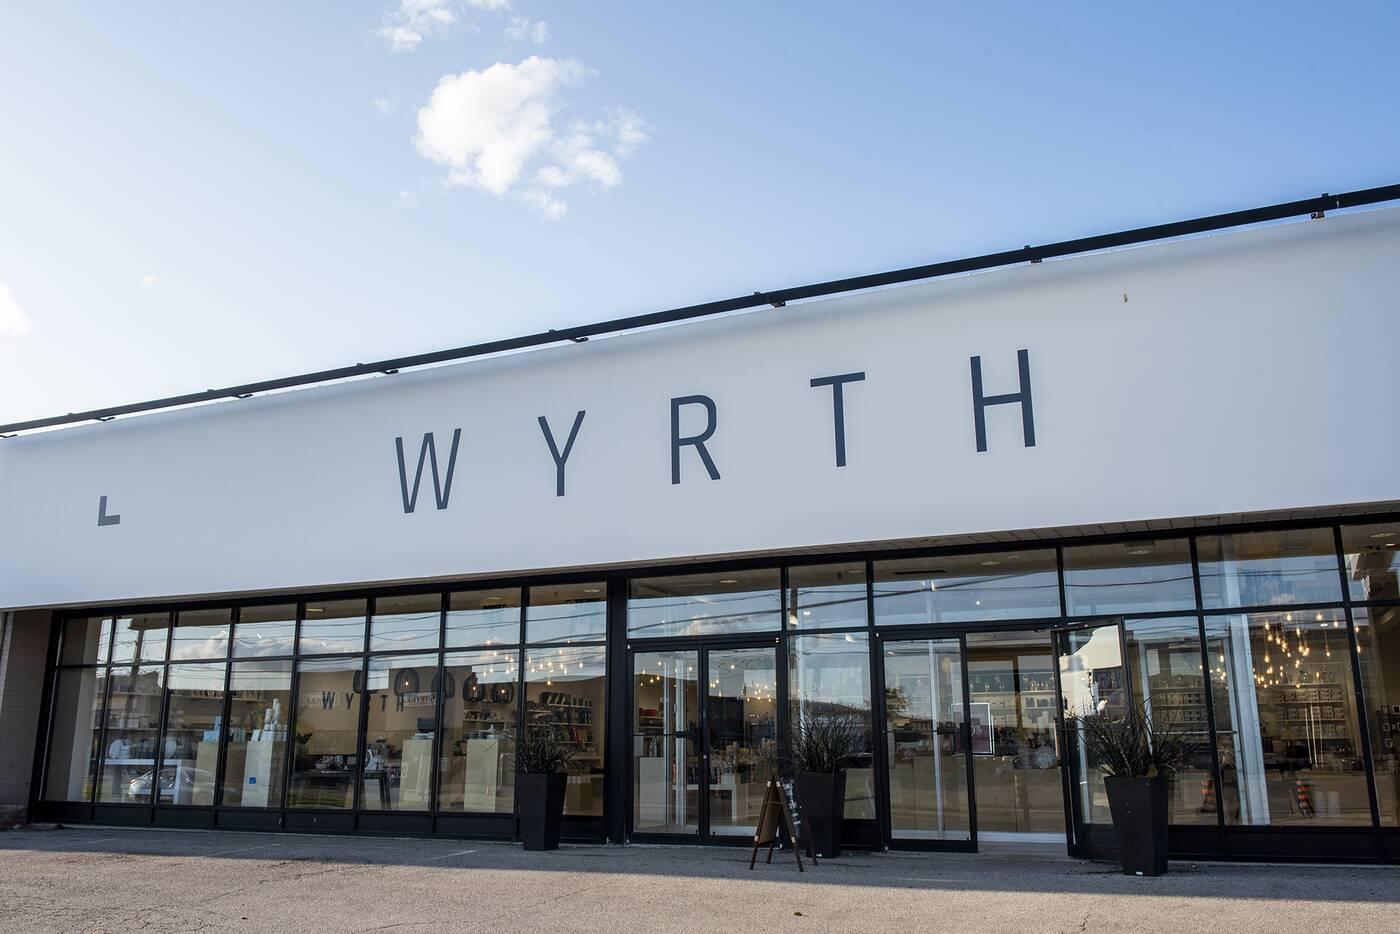 wyrth toronto